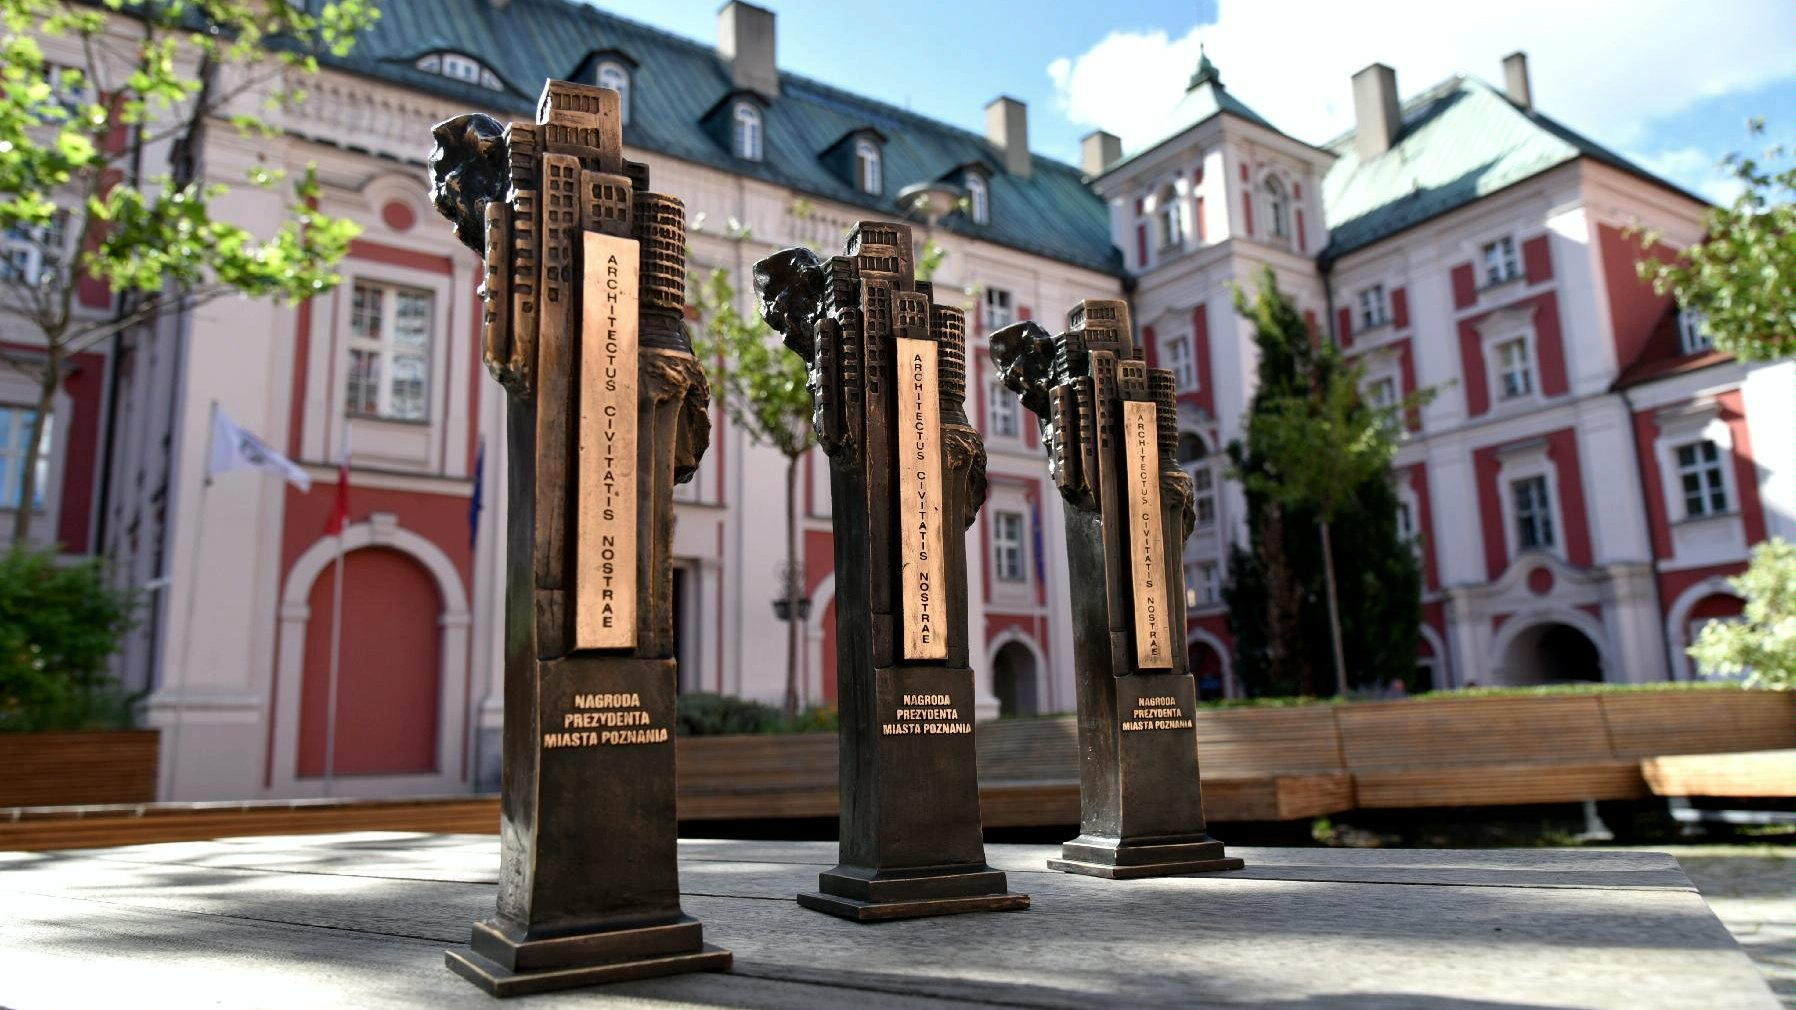 Na pierwszym planie statuetki w konkursie Architectus civitatis nostrae, na drugim urząd miasta. - grafika artykułu